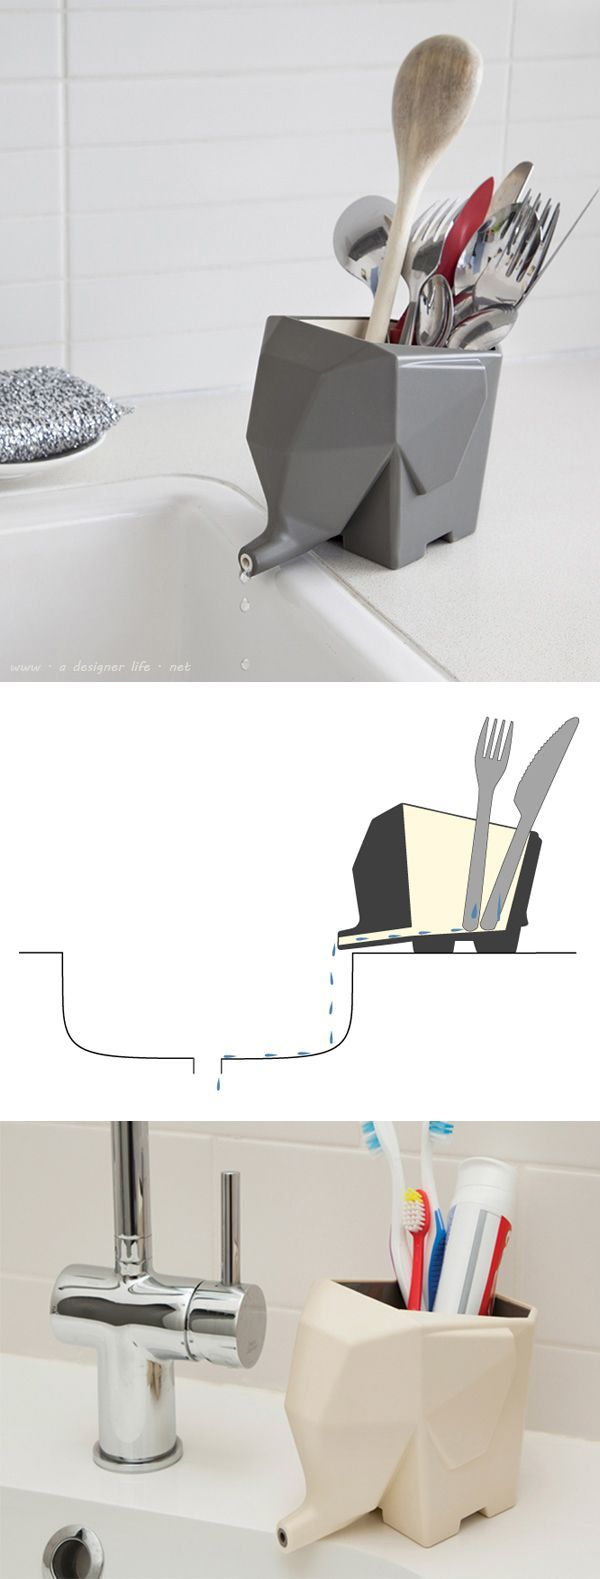 Accessoire décoratif pour la cuisine ou la salle de bain vraiment pratique : l'éléphant porte ustensile ou porte brosse à dent laisse échapper l'eau directement dans le lavabo. Joli en plus.